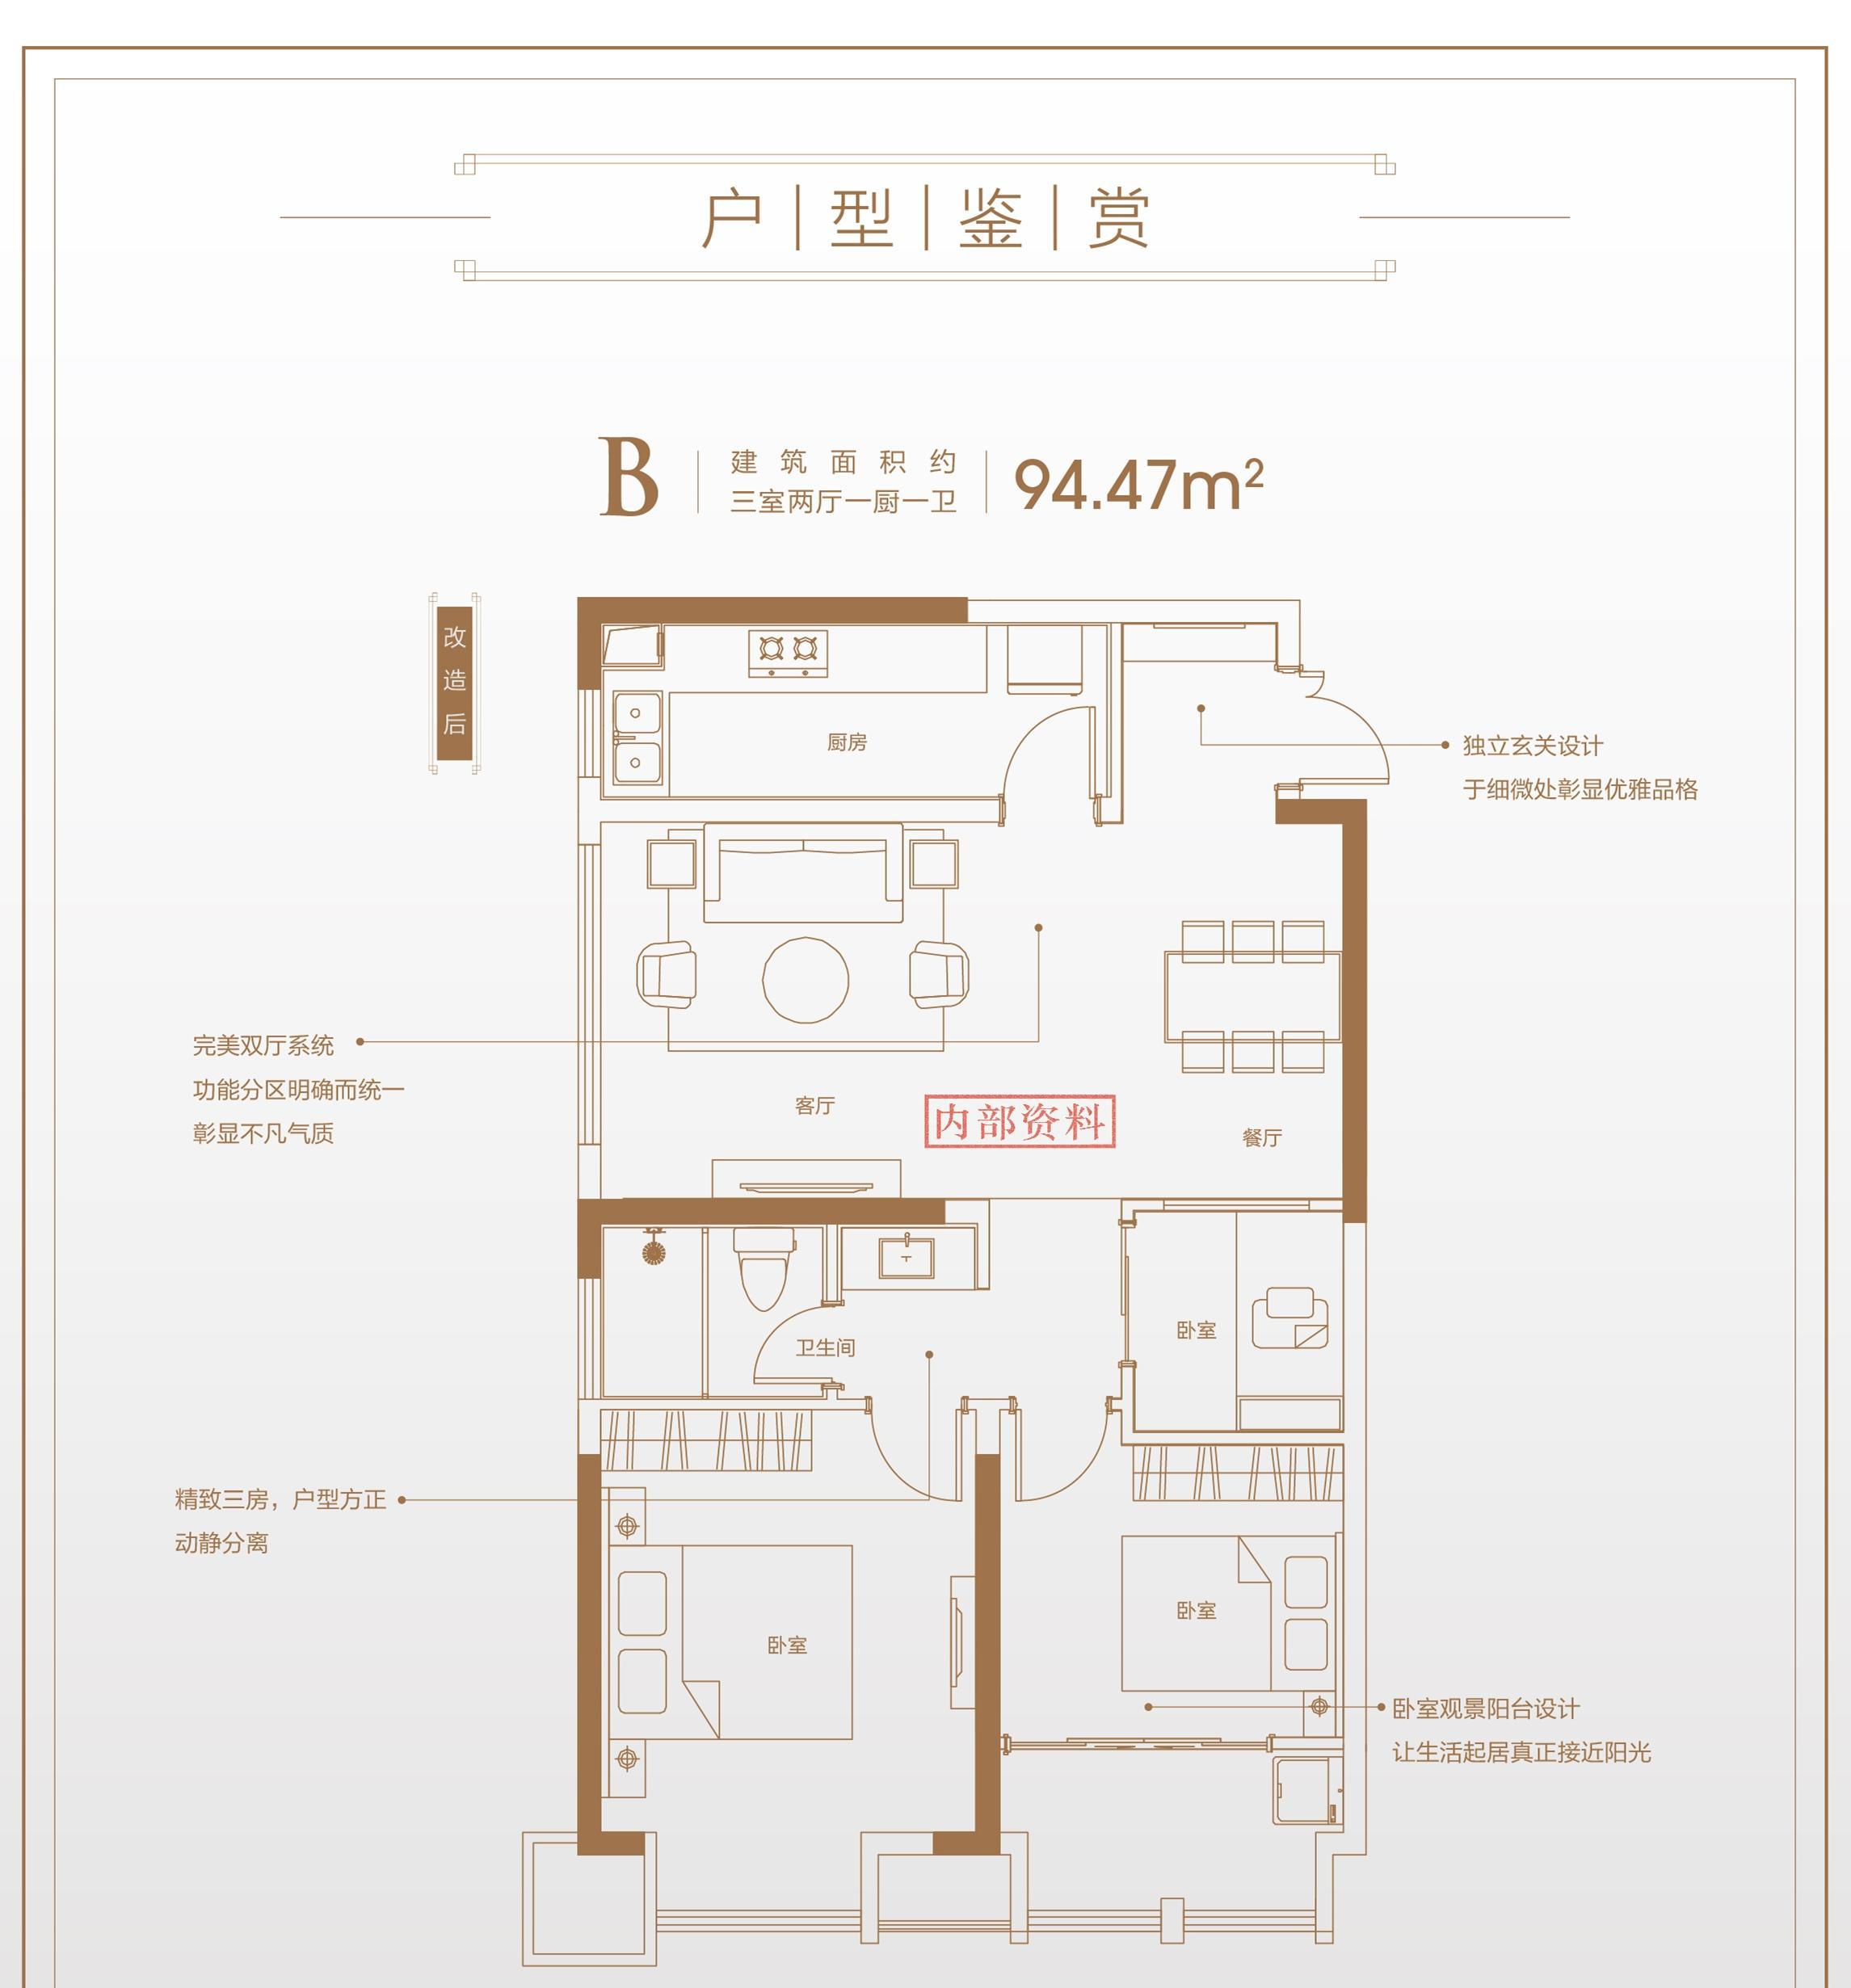 中天胜利58项目94.47㎡户型图